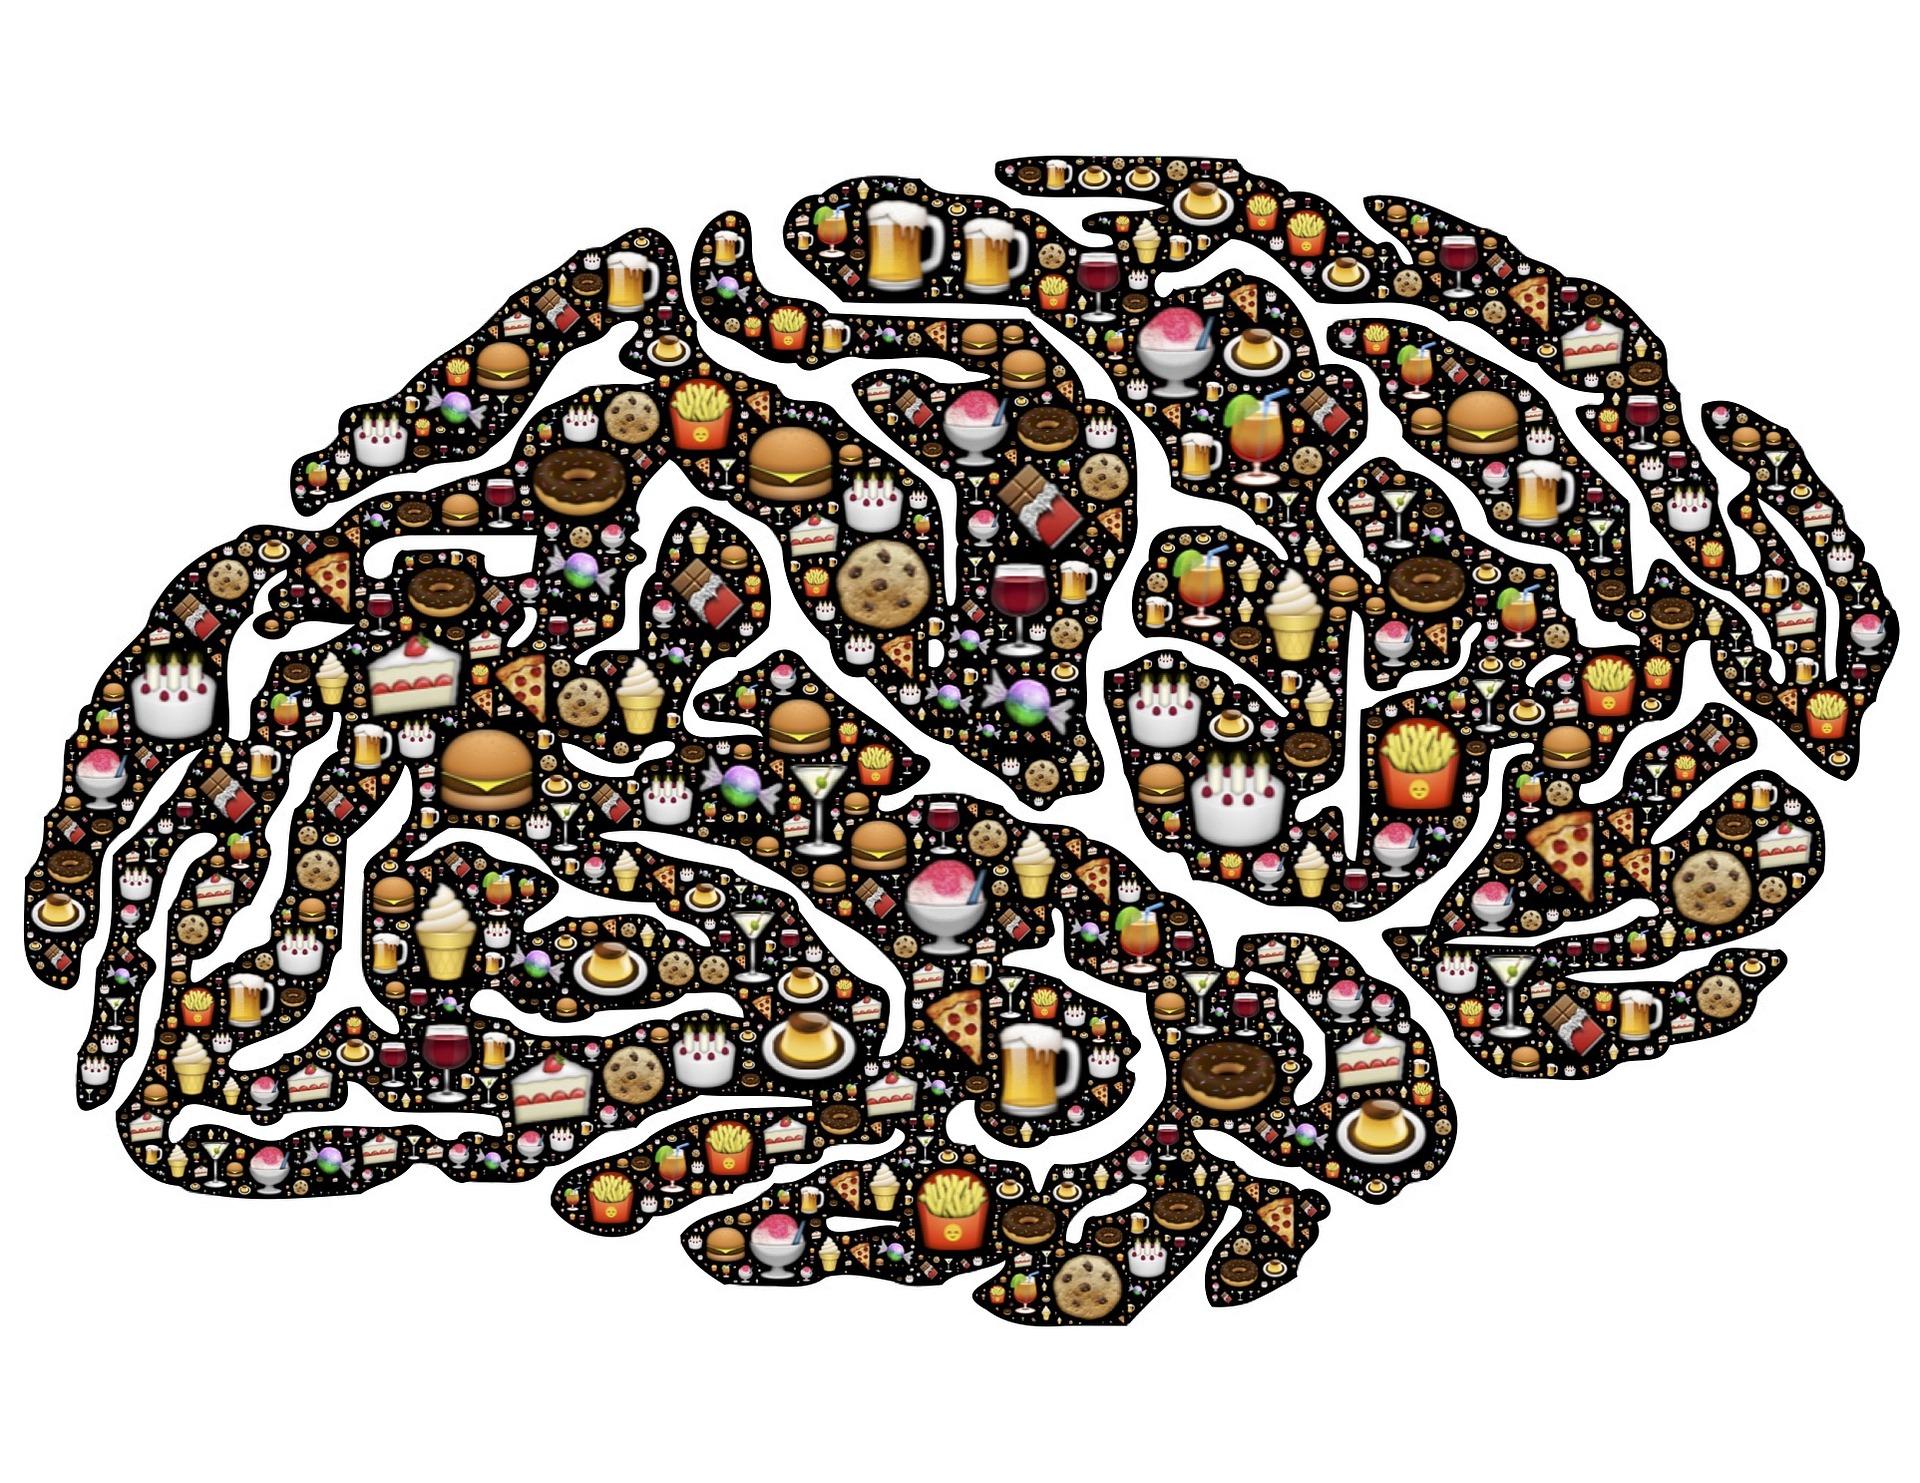 Smagen sidder i hjernen